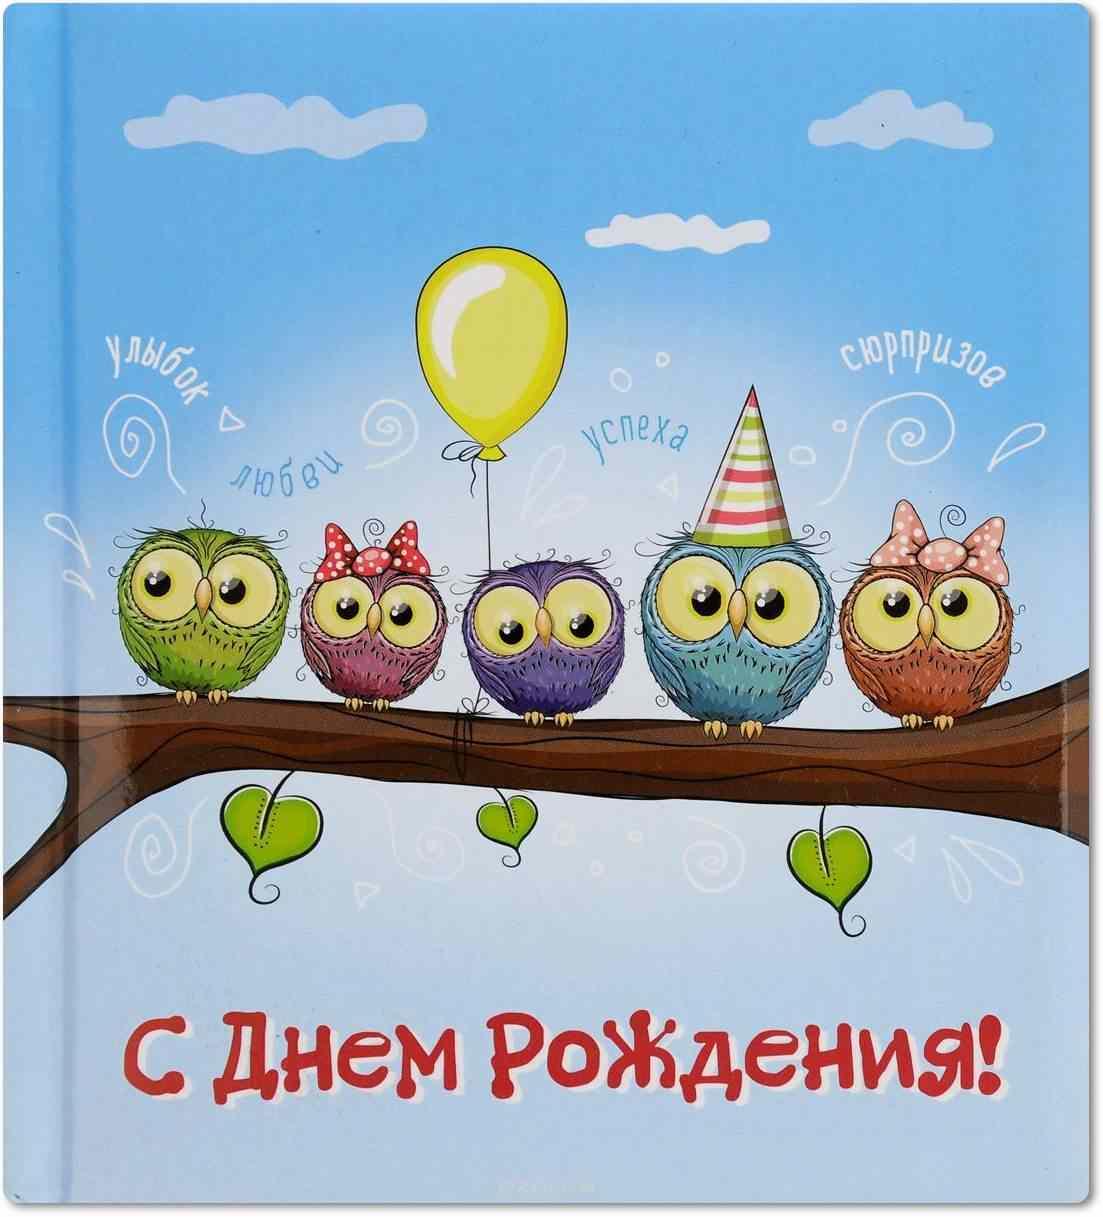 Картинки с днем рождения красивые и прикольные